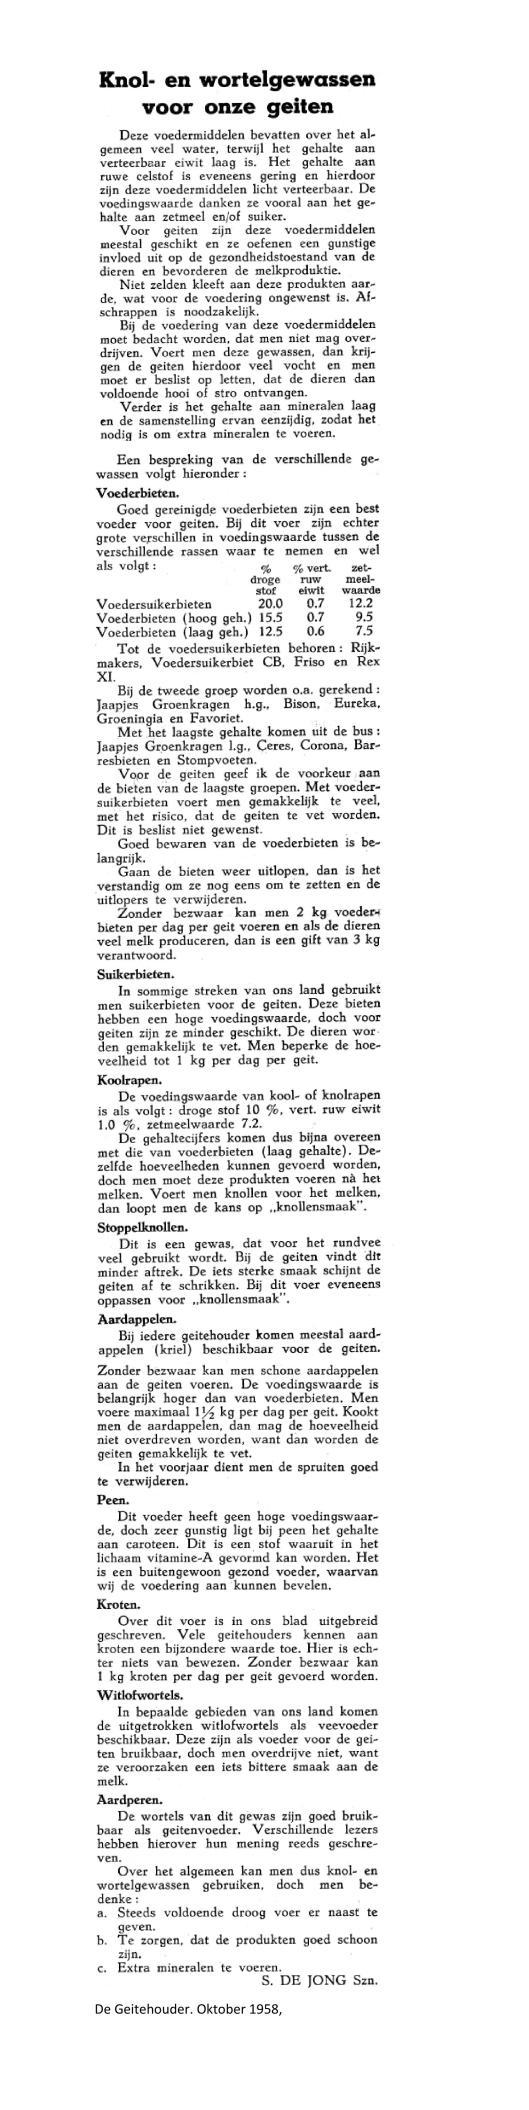 weblog Knolgewassen De Geitehouder oktober 1958